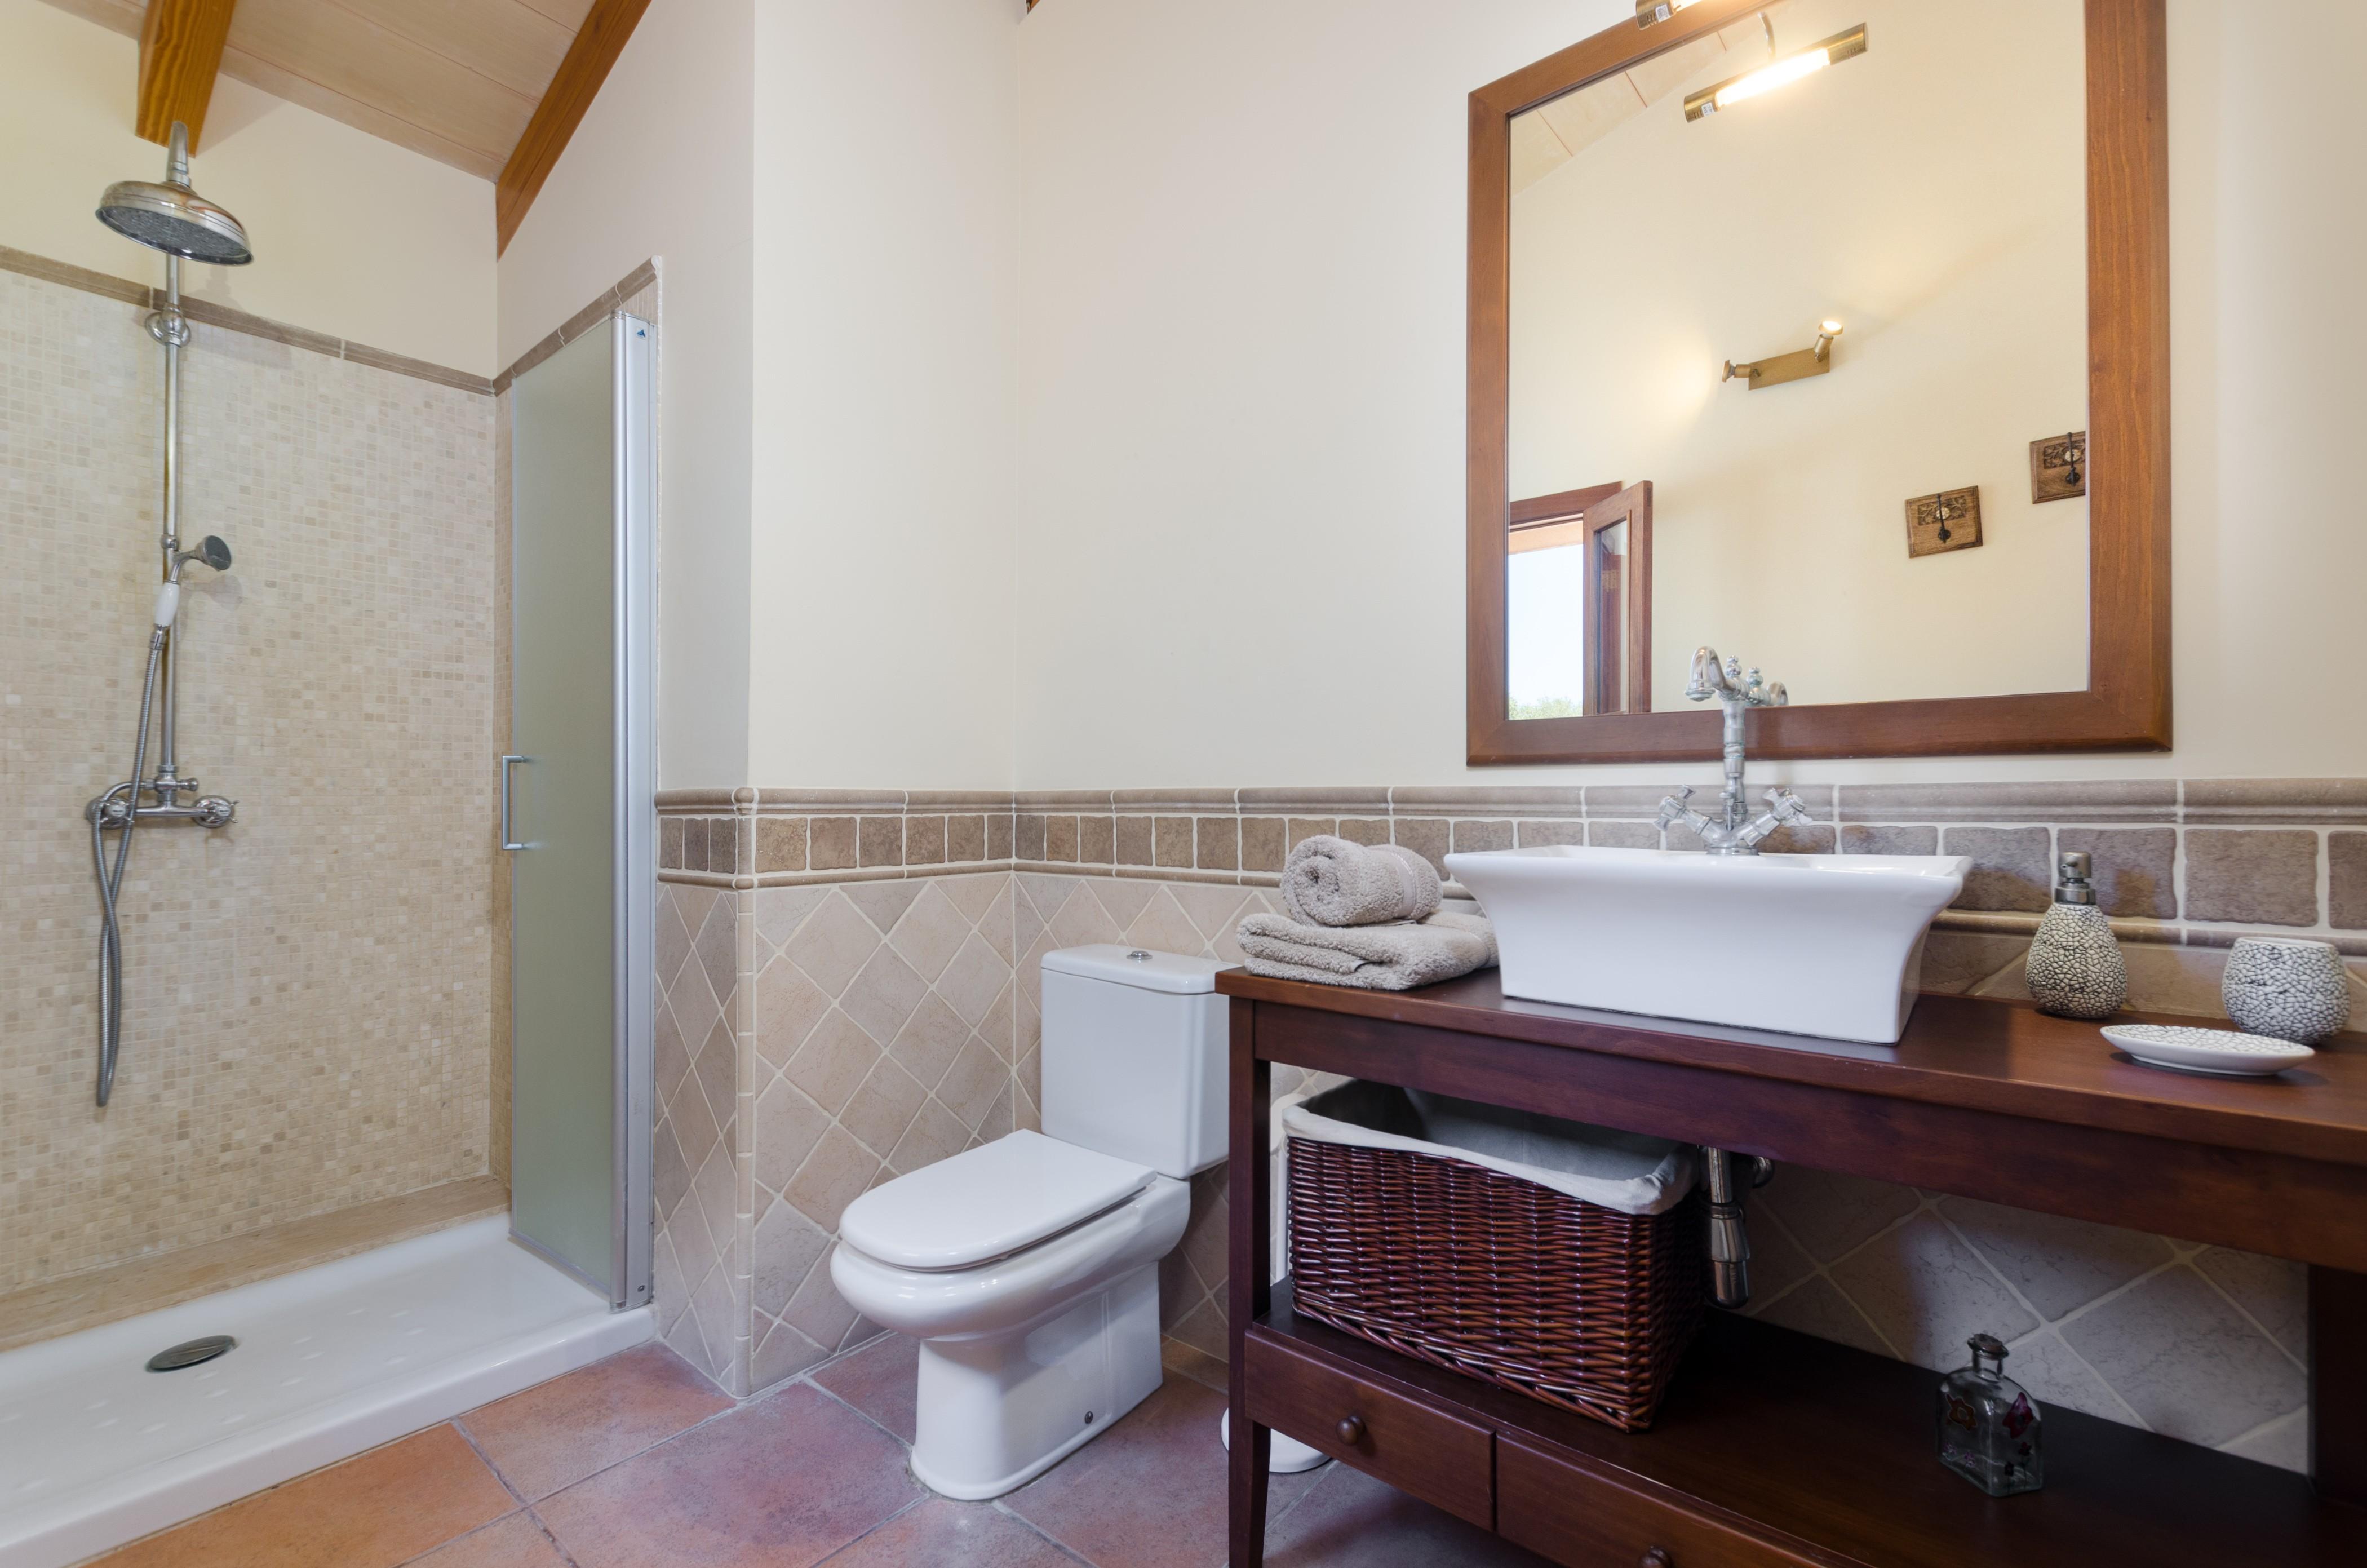 Maison de vacances ES VEDAT (2632993), Lloret de Vistalegre, Majorque, Iles Baléares, Espagne, image 35